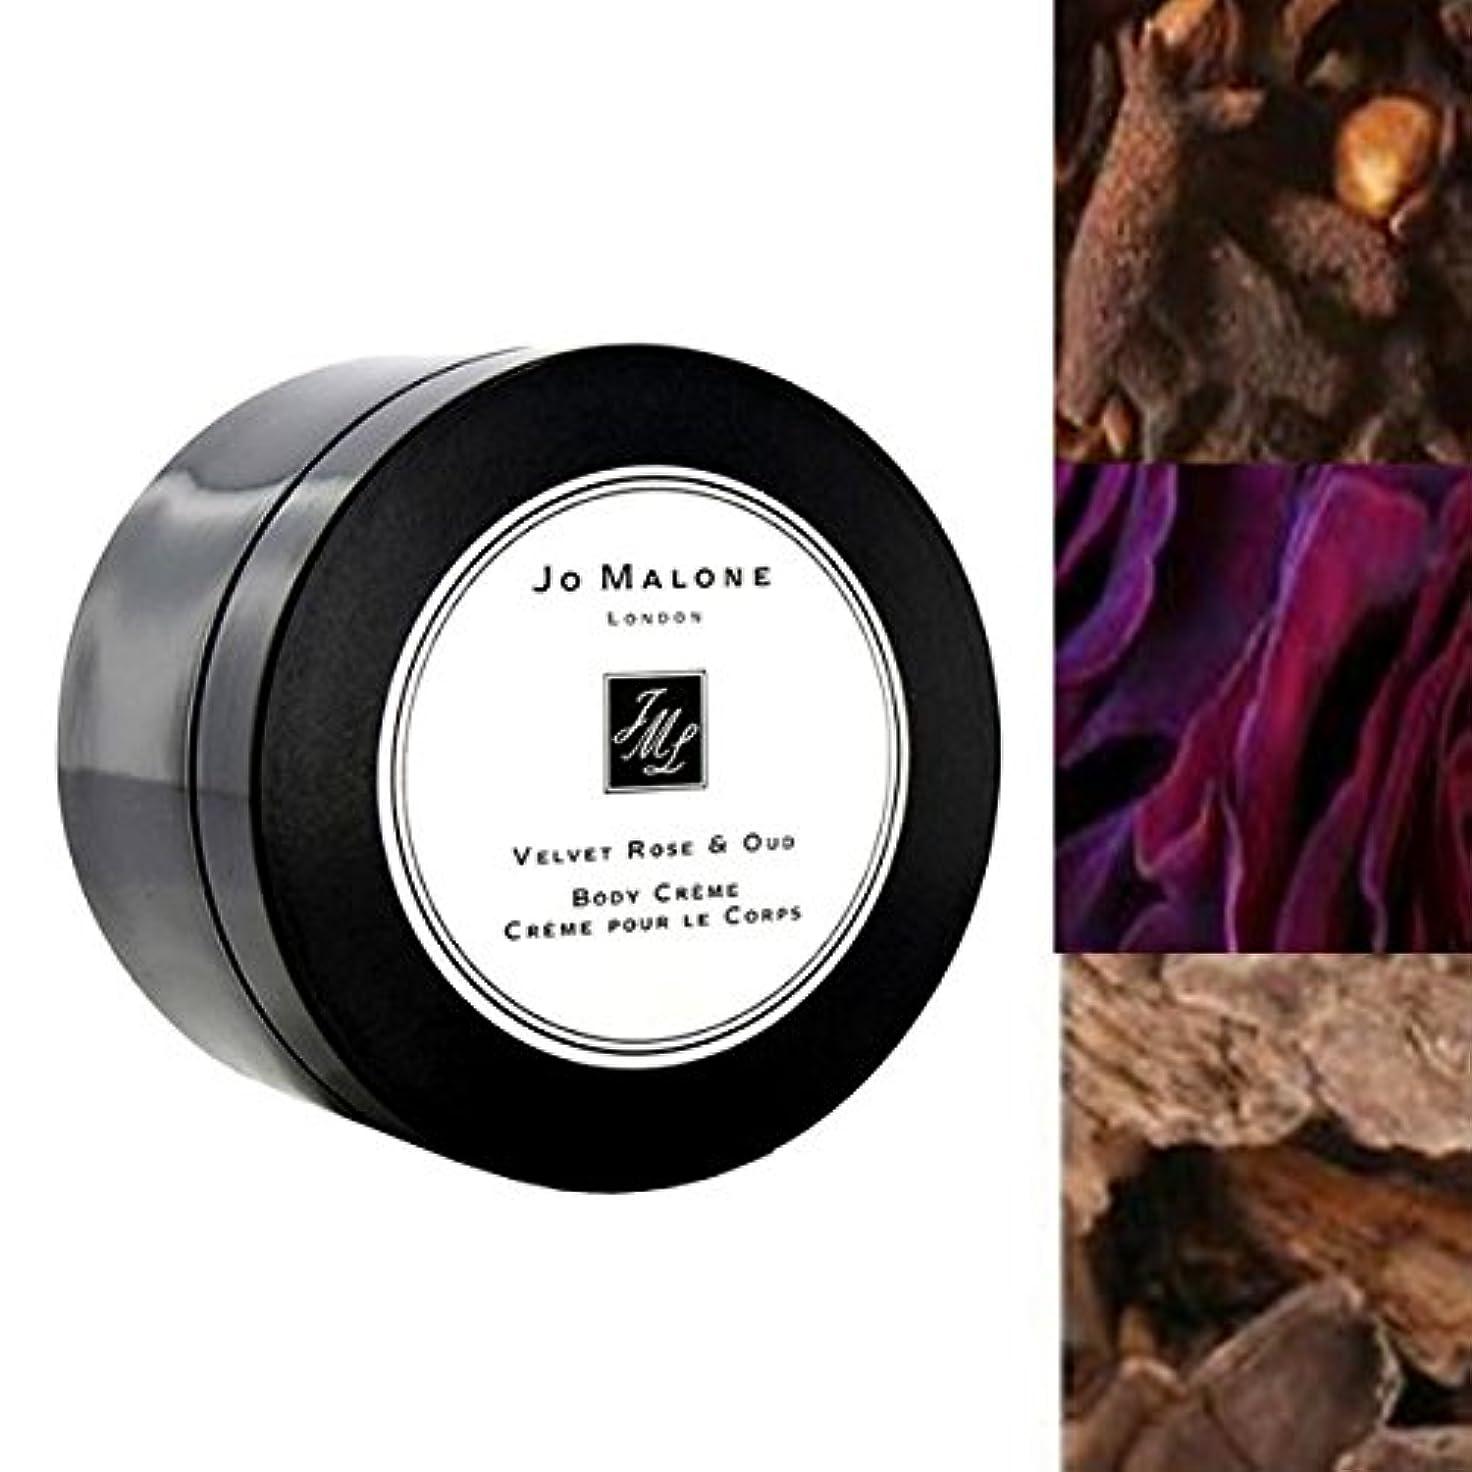 続編水曜日自分Jo Malone London ジョーマローン, Velvet Rose & Oud Body Crème (5.9 oz.)[海外直送品] [並行輸入品]